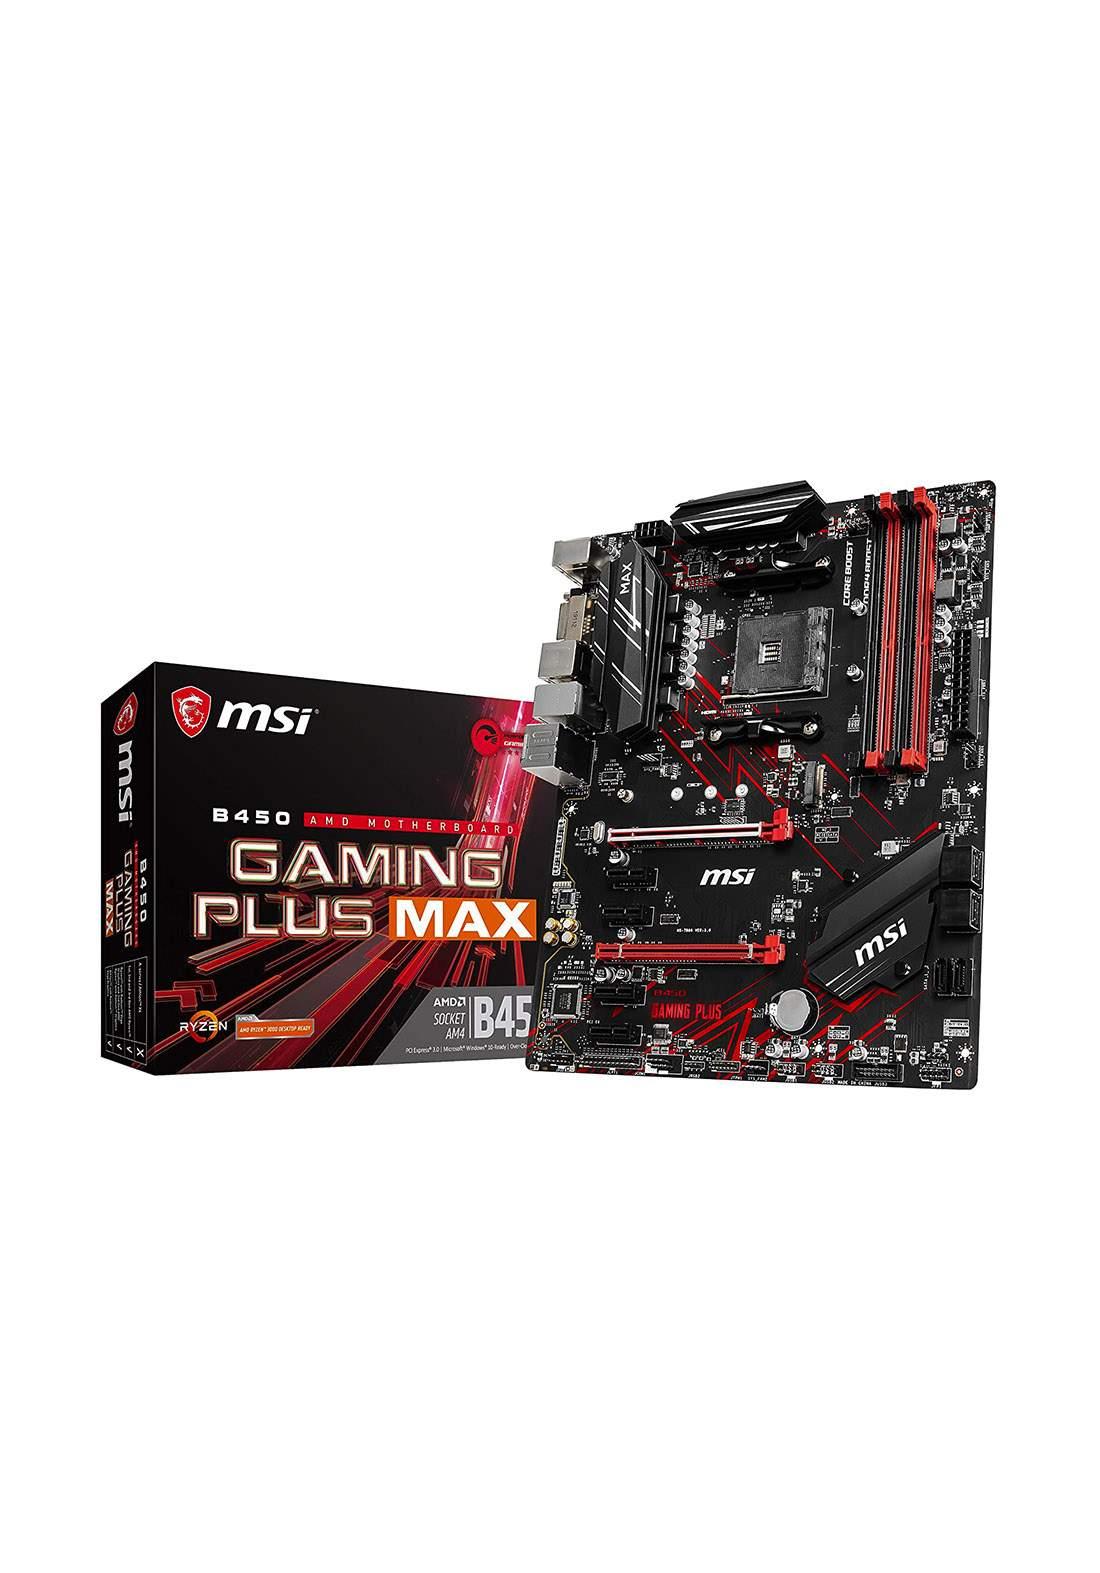 Msi B450 Gaming Plus Max Motherboard لوحةالام